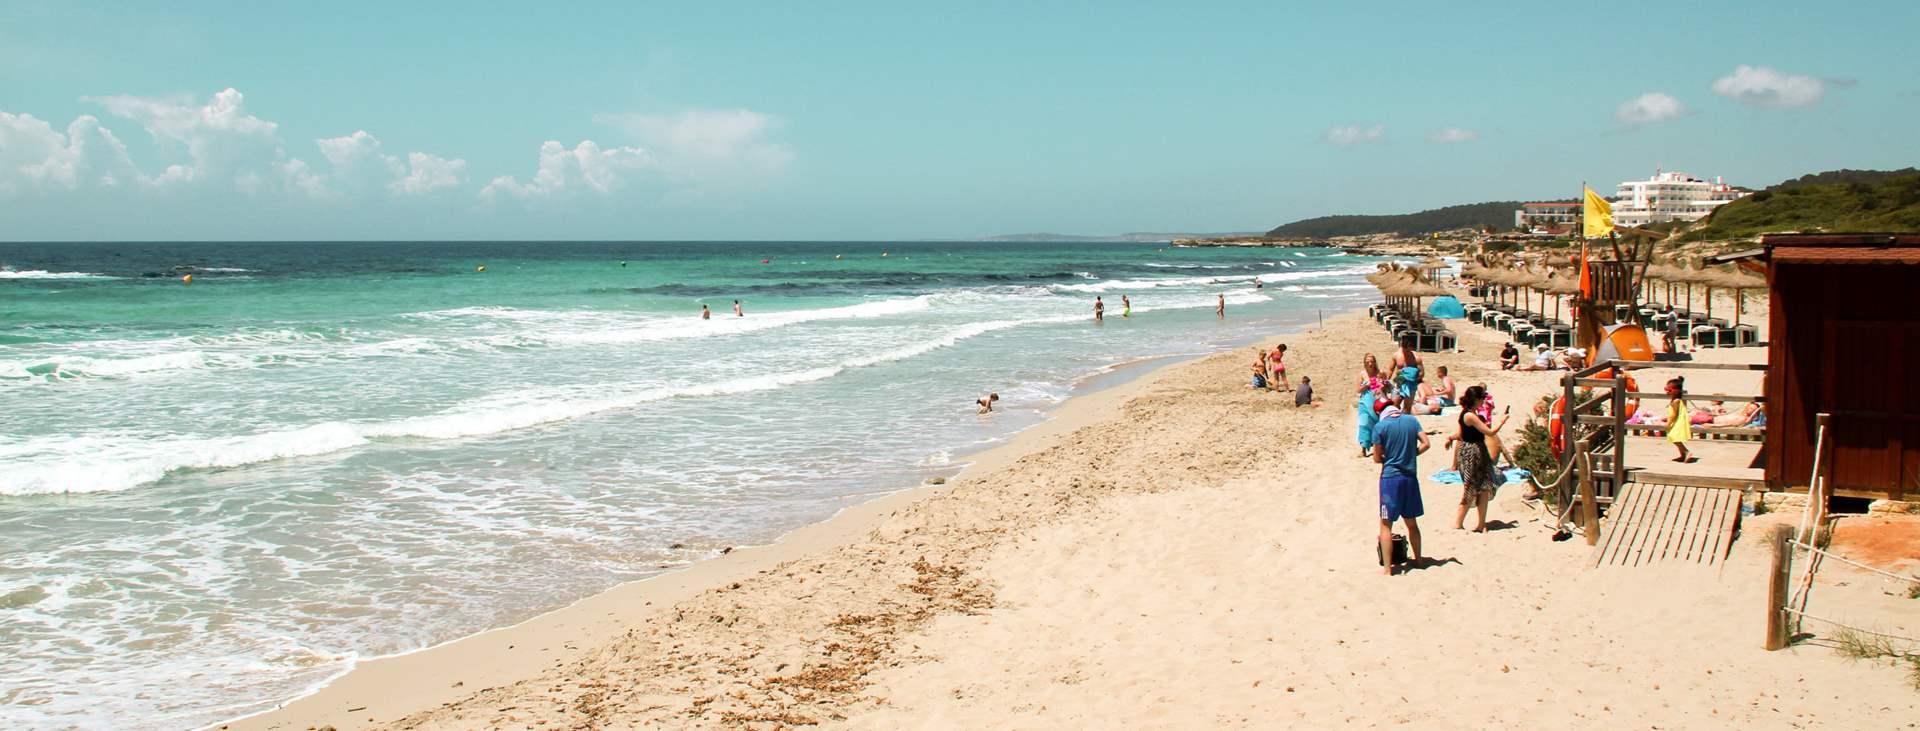 Bestill en reise med Ving til Santo Tomas på Menorca